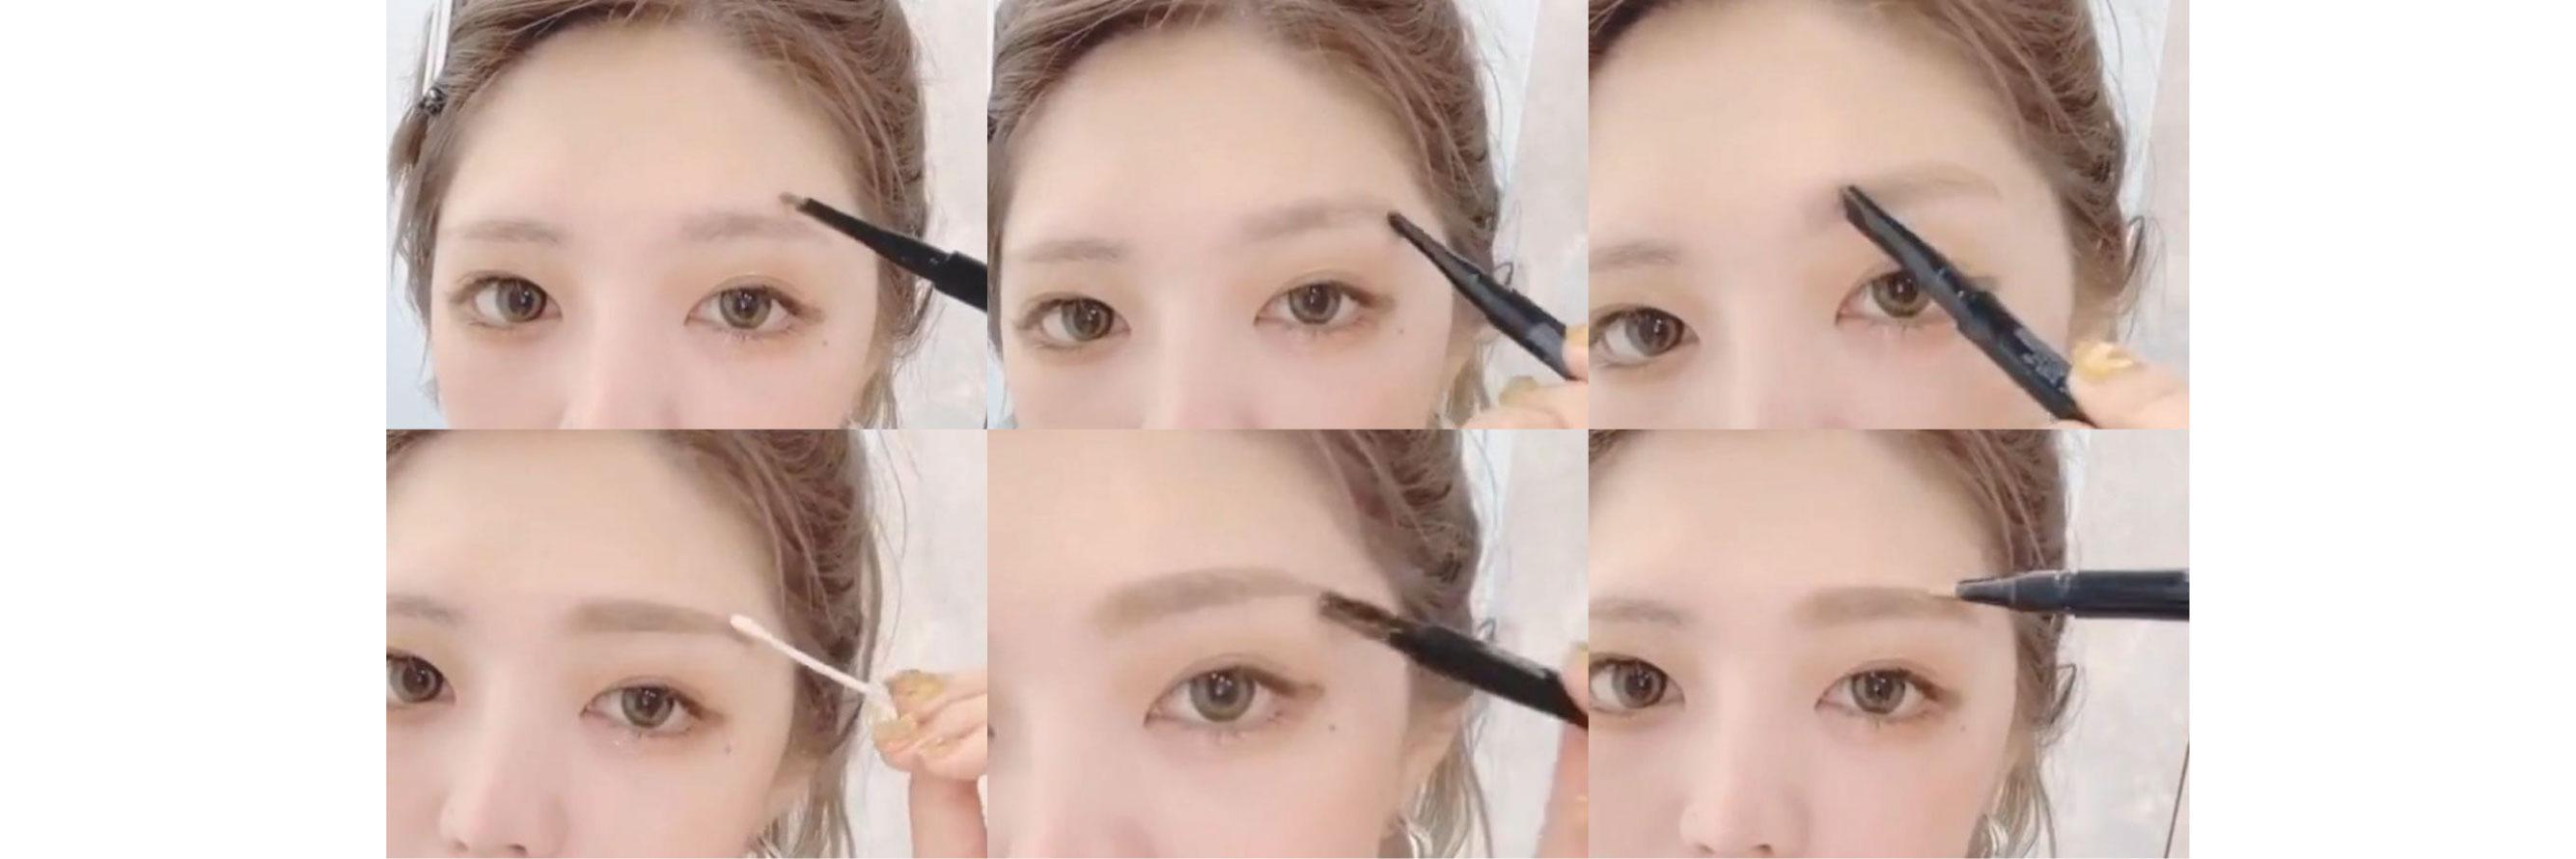 =韓国風の眉毛は「眉尻」を意識!最旬アーチ眉・並行眉の書き方